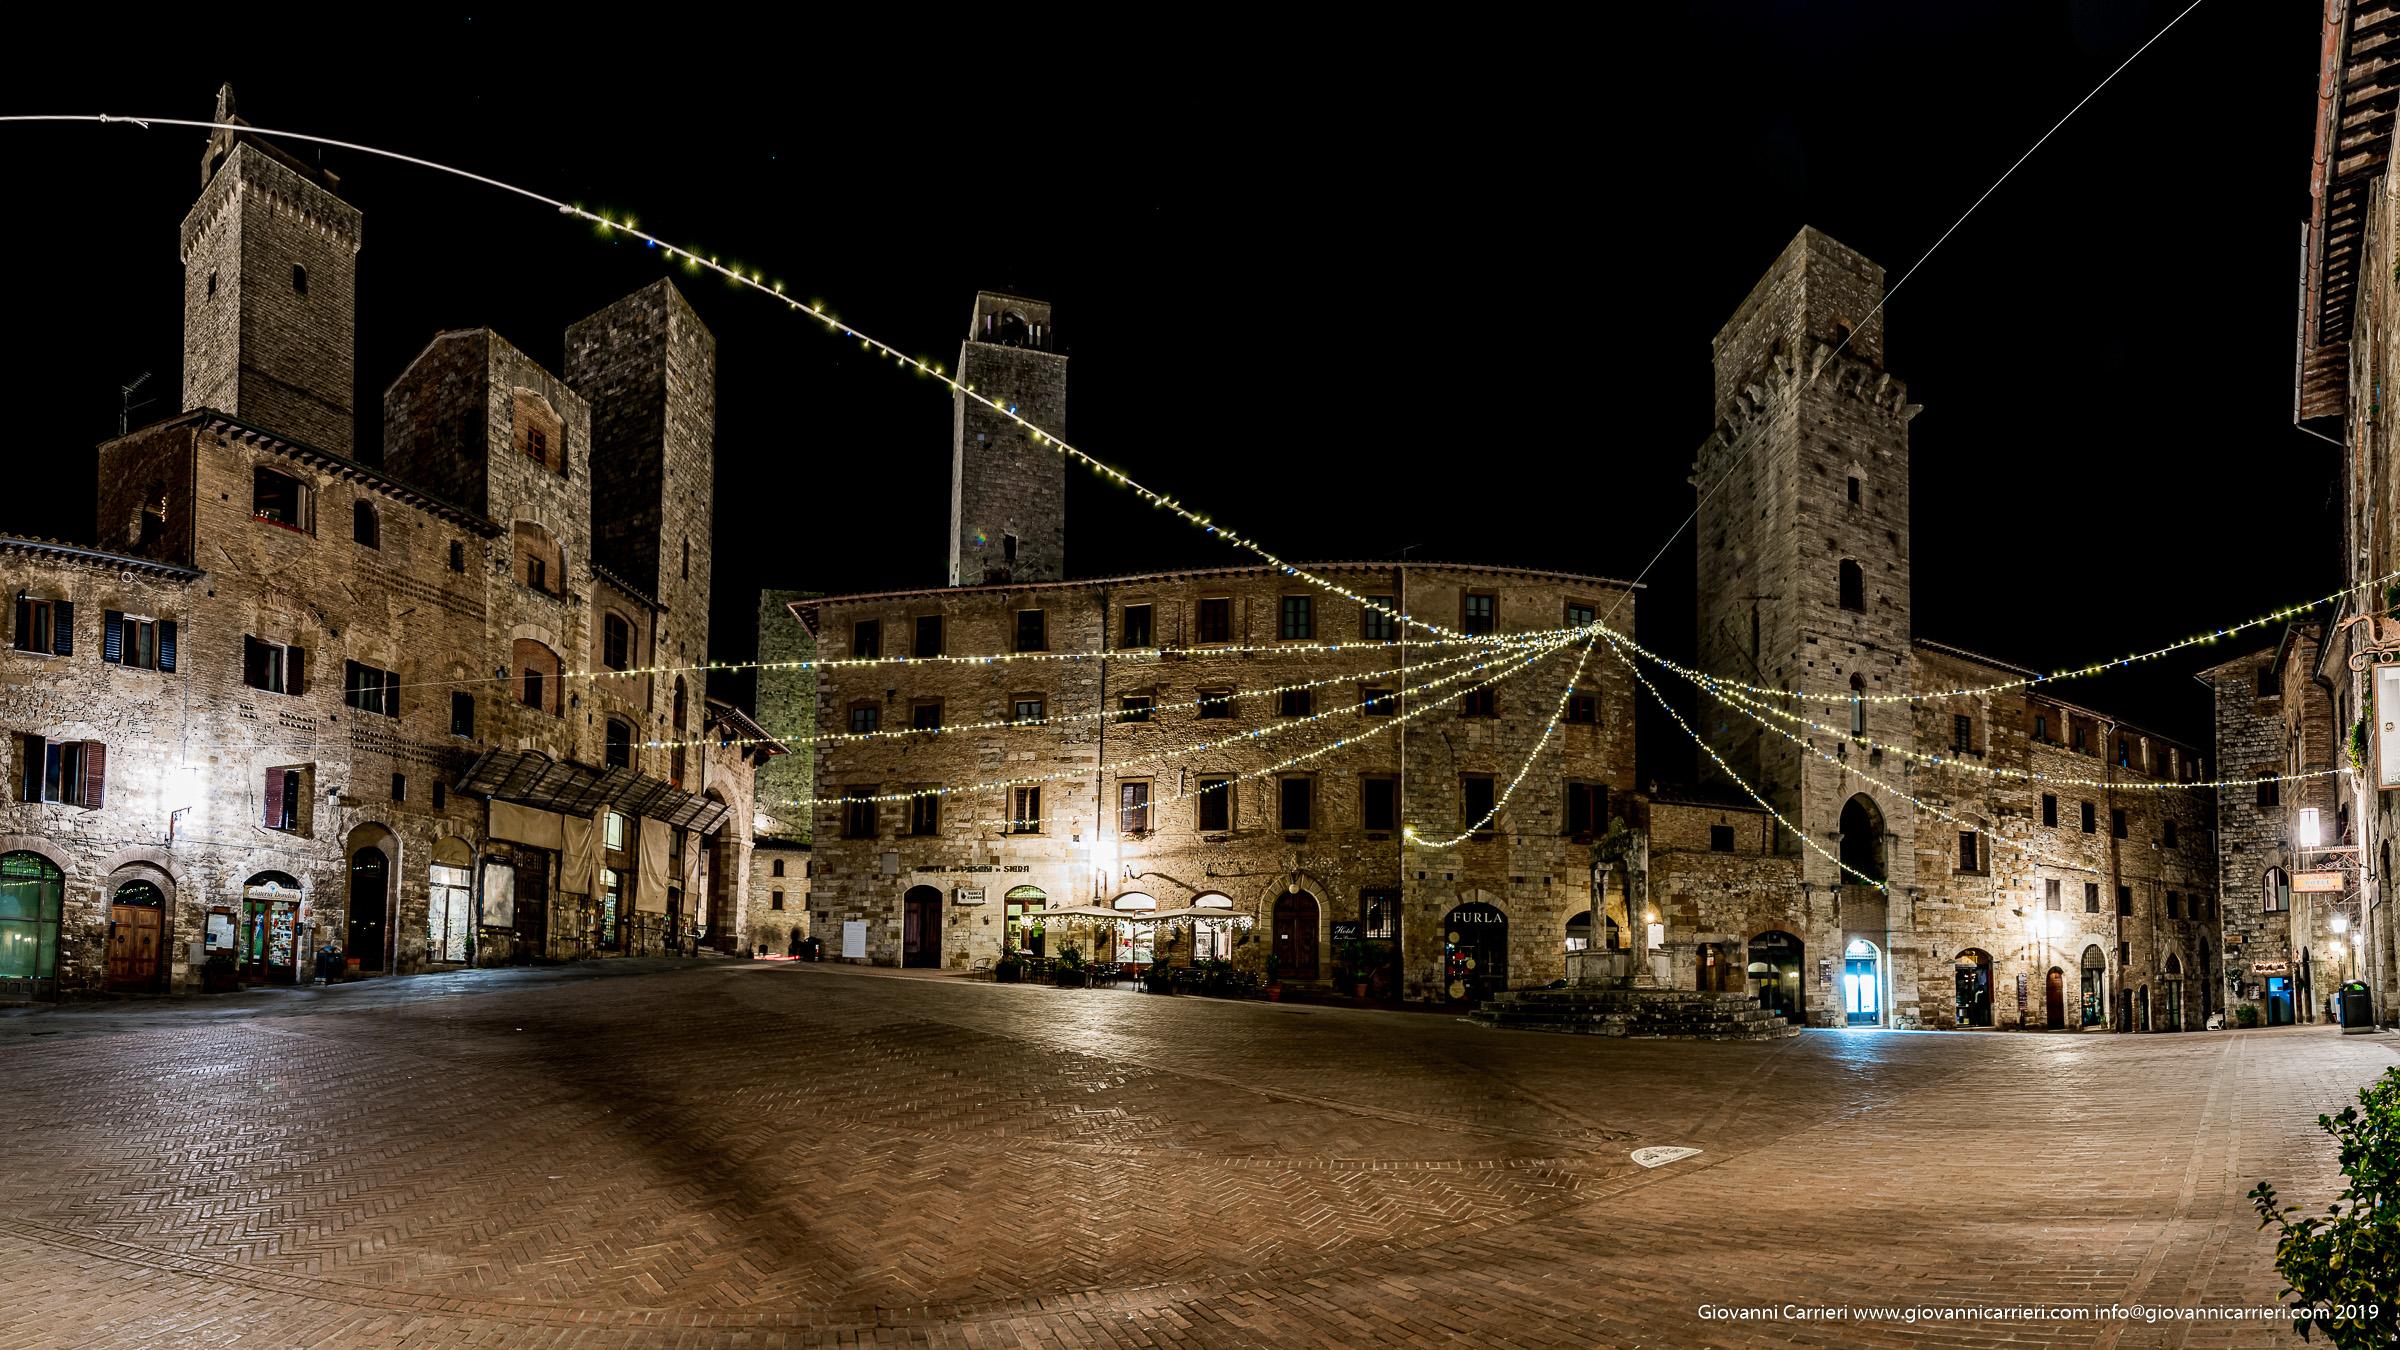 The city centre of San Gimignano, piazza della Cisterna